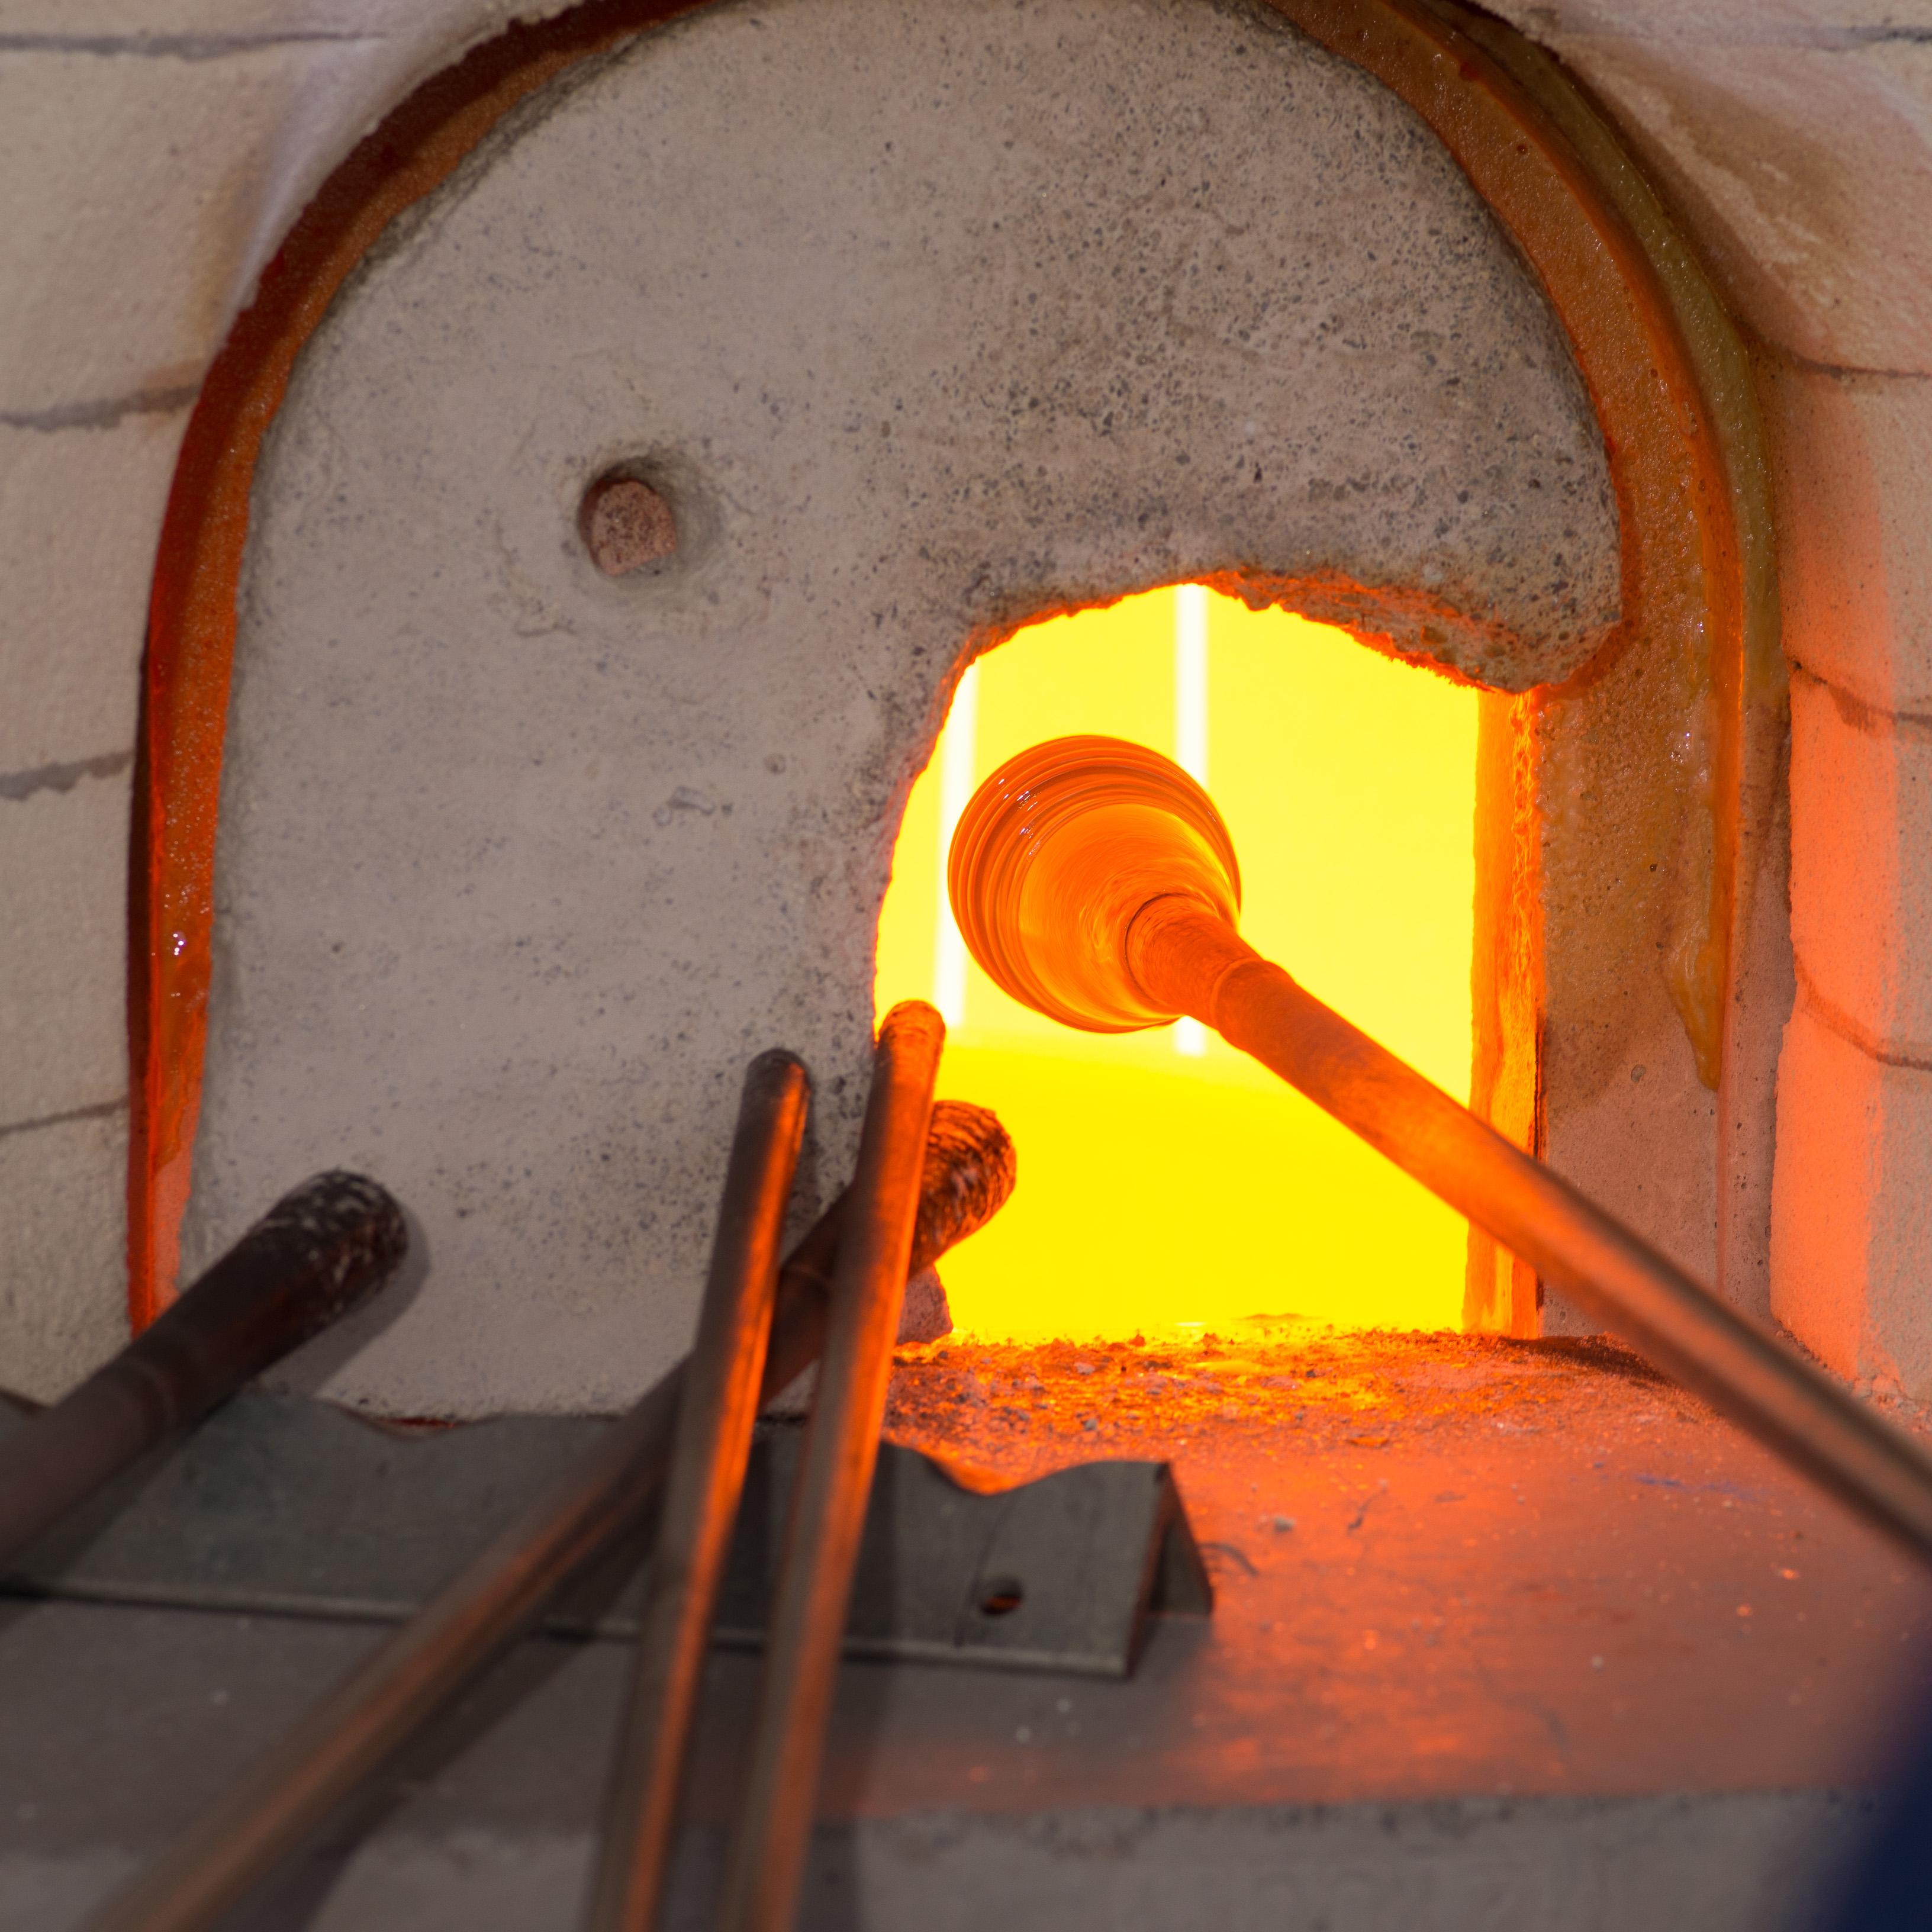 Åpent glassverksted, se åpningstidene her